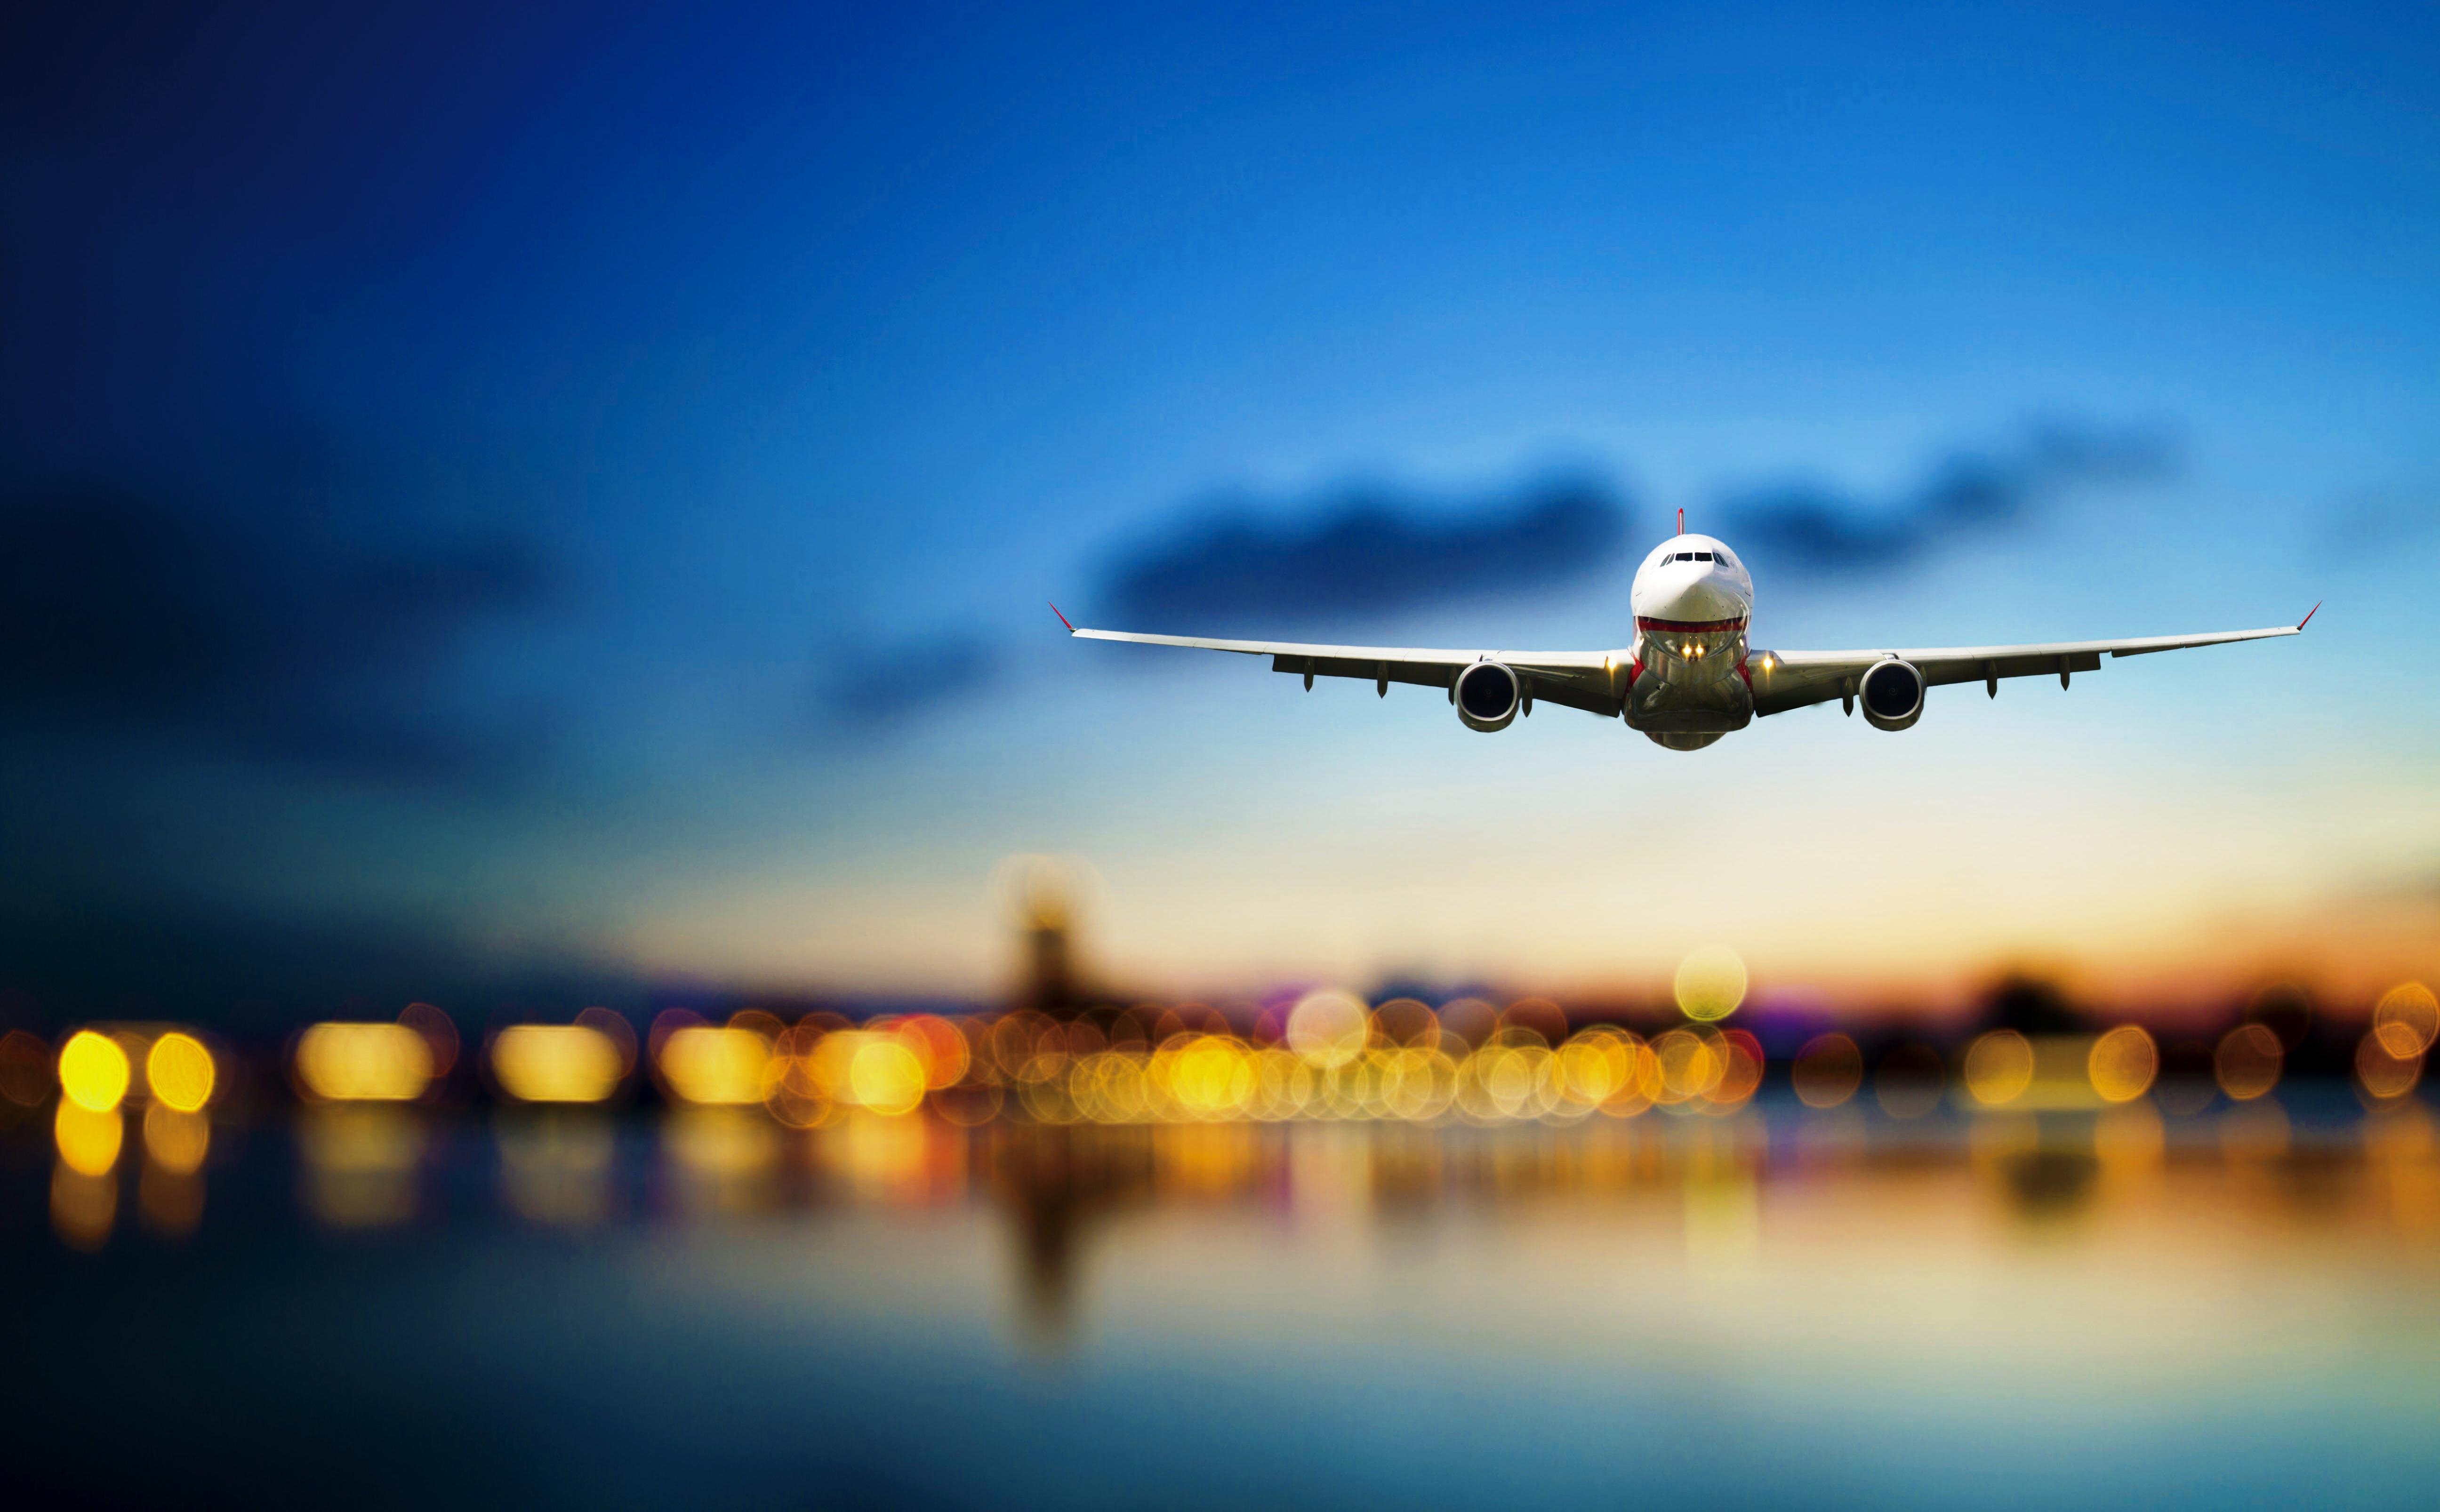 中国正拓展长途航线 速度之快颠覆全球航空业